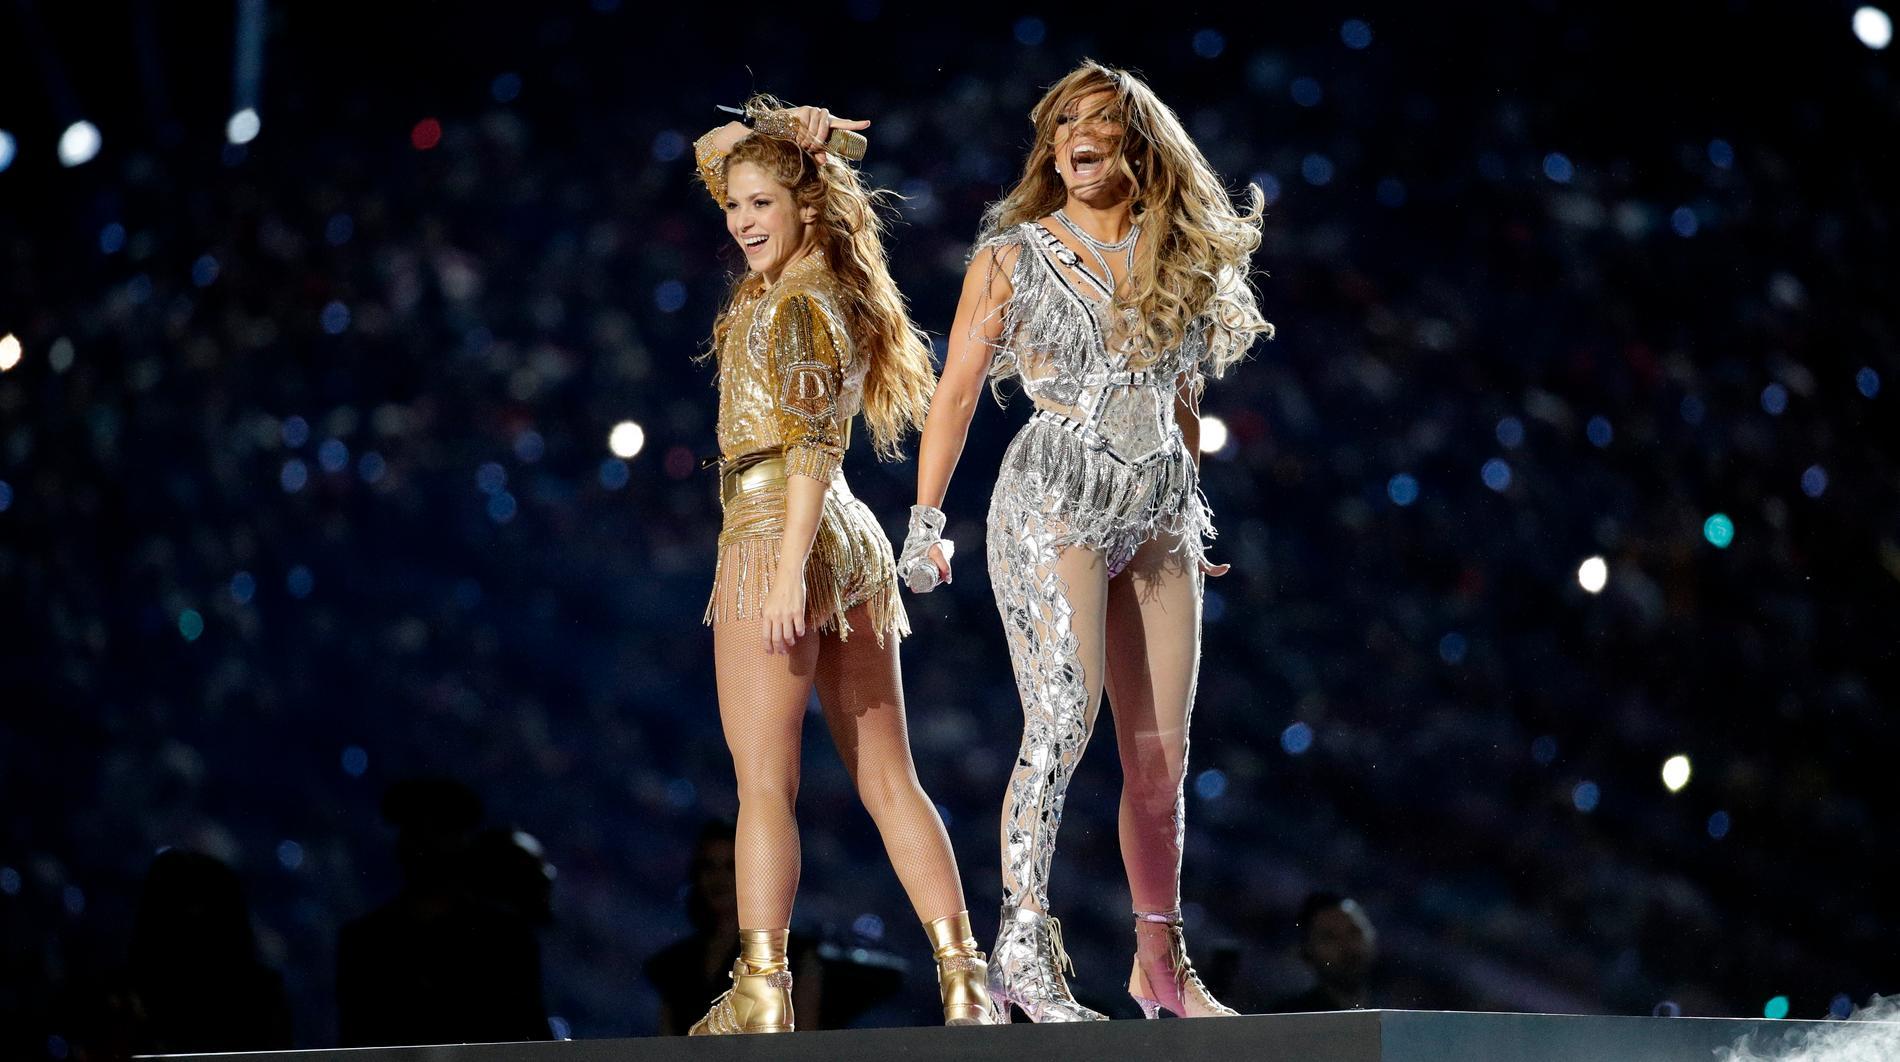 Ikväll möts Tampa Bay Buccaneers och Kansas City Chiefs i årets Super Bowl-final. Förra året uppträdde Shakira och Jennifer Lopez i halvtid, i år har uppdraget gått till The Weeknd.